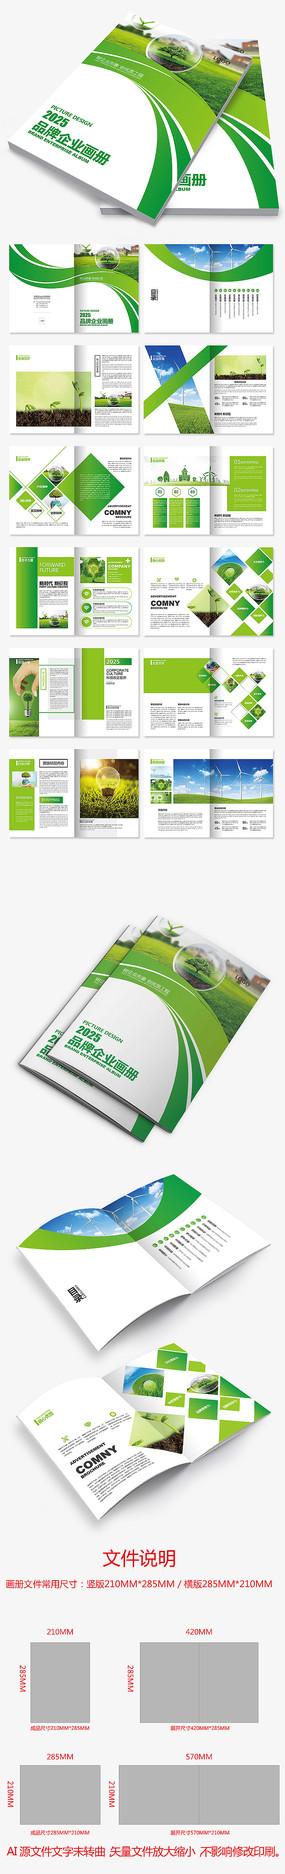 绿色科技环保宣传册绿色能源企业画册模板